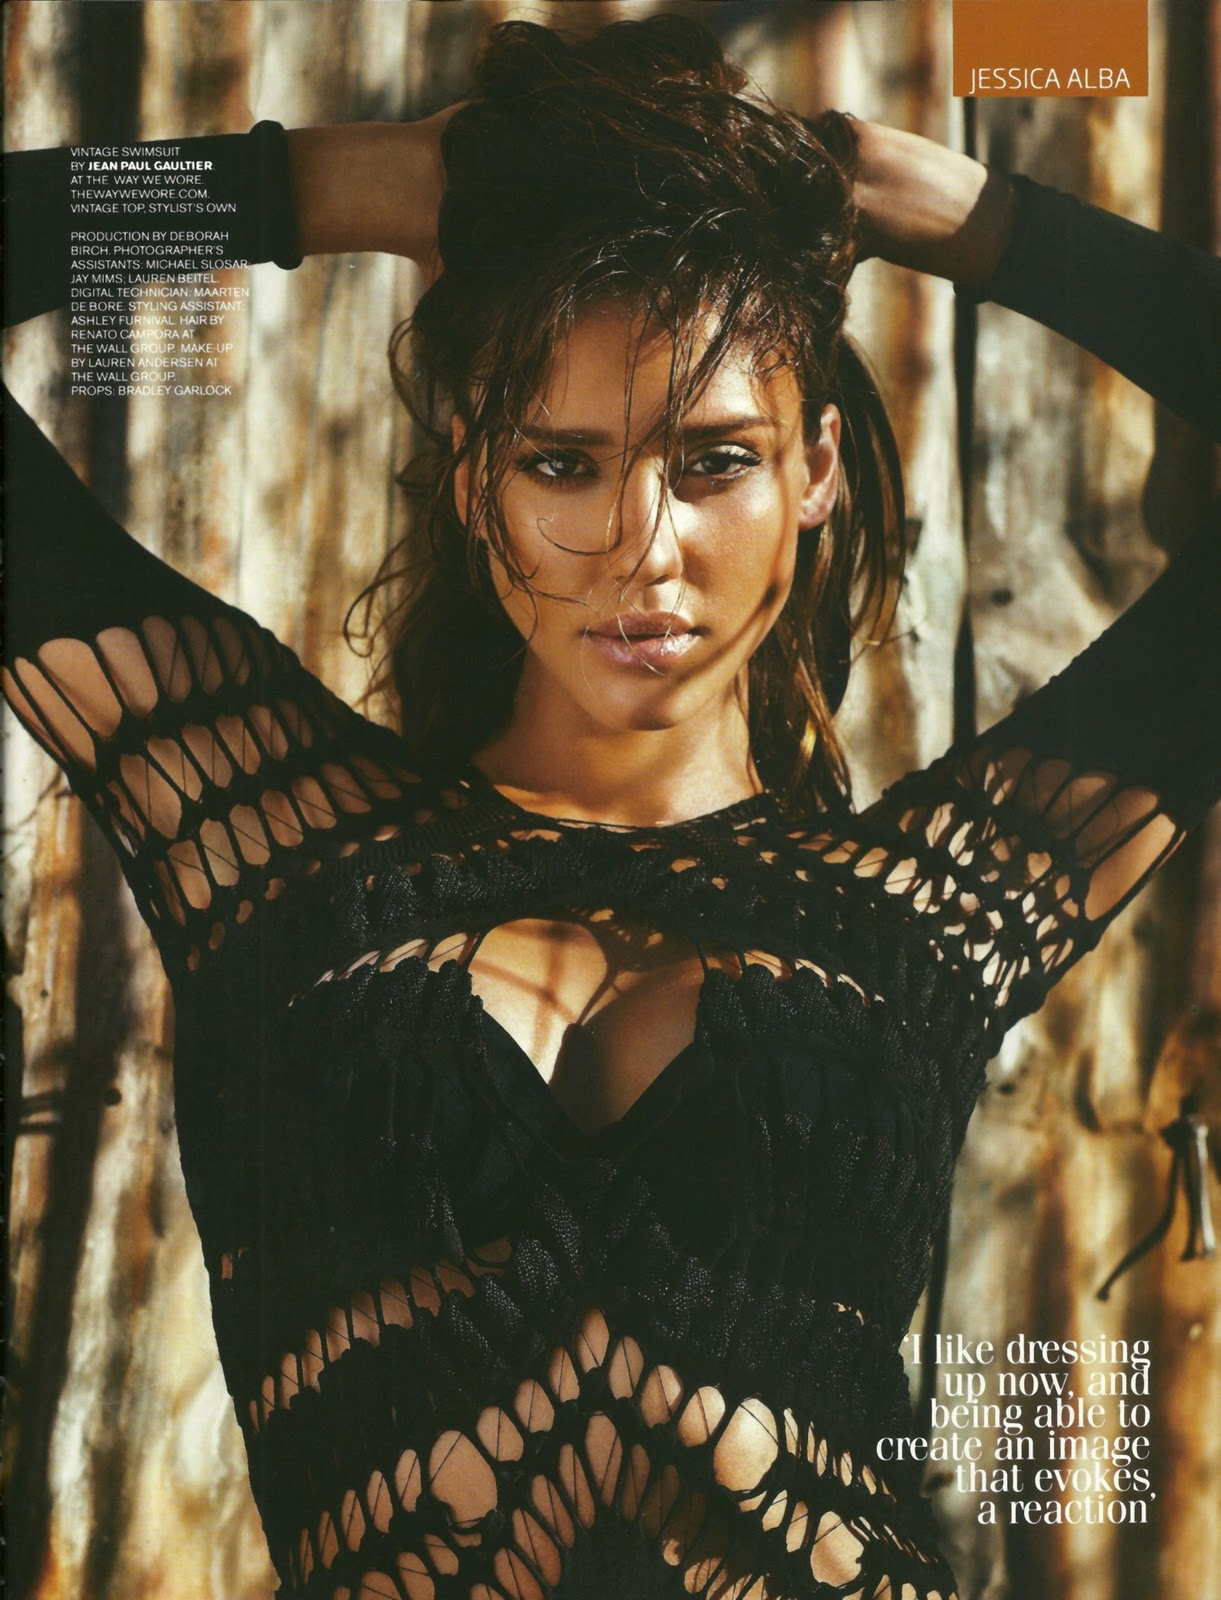 http://2.bp.blogspot.com/_DqQNorl_2Kc/TMqOff-rJdI/AAAAAAAABI0/AU5tA9IFsuo/s1600/Jessica-Alba-GQ-1.jpg